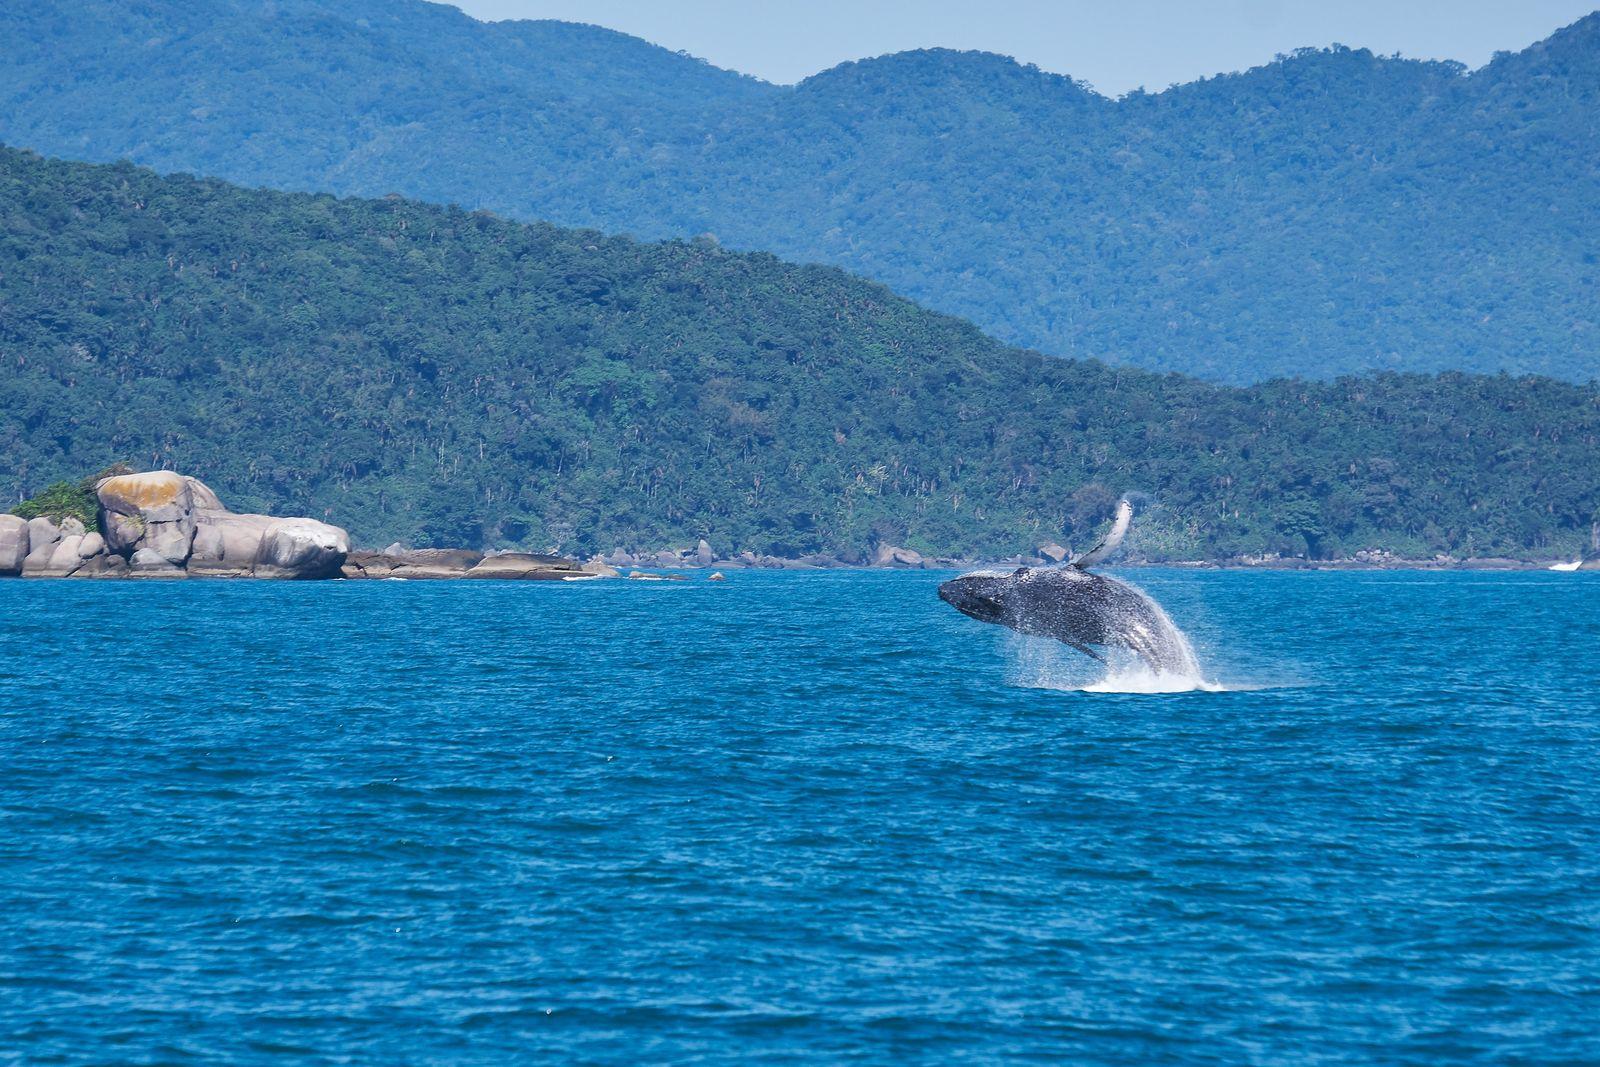 Beleia-jubarte no mar de Ilhabela. Com o aumento da população de jubartes na costa brasileira, avistamentos de ...